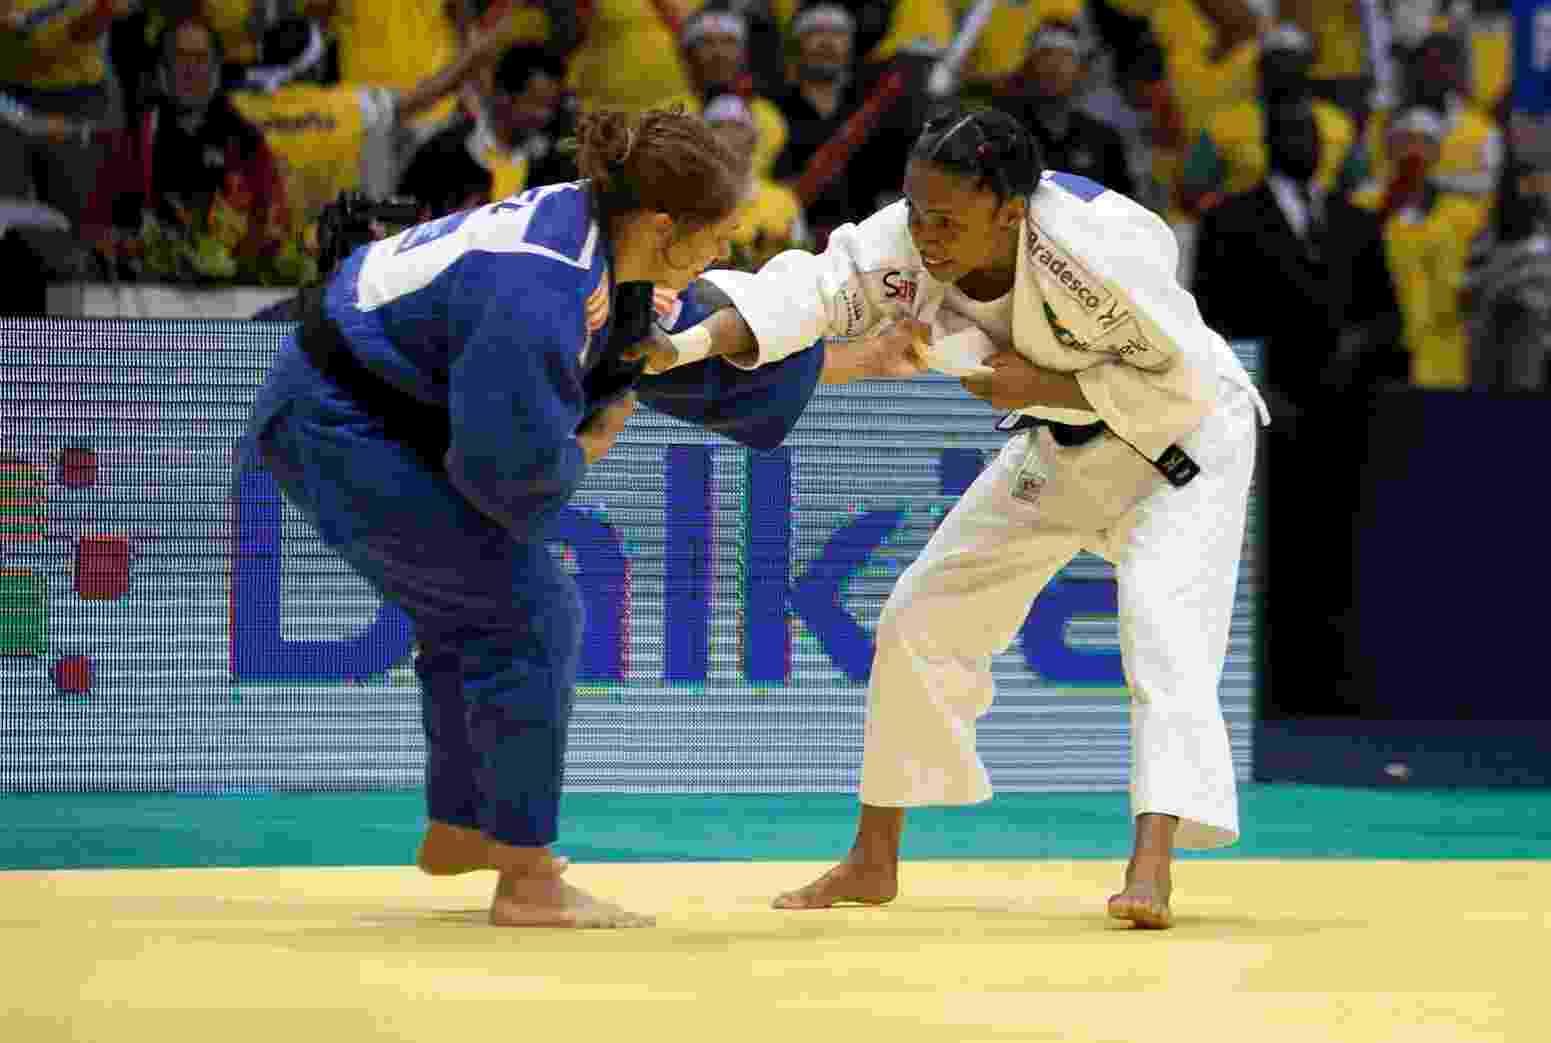 27.08.2013 - Mundial de Judo 2013, Maracanazinho, Rio de Janeiro. Erika Miranda x Birgit Ente - Leandra Benjamin/MPIX